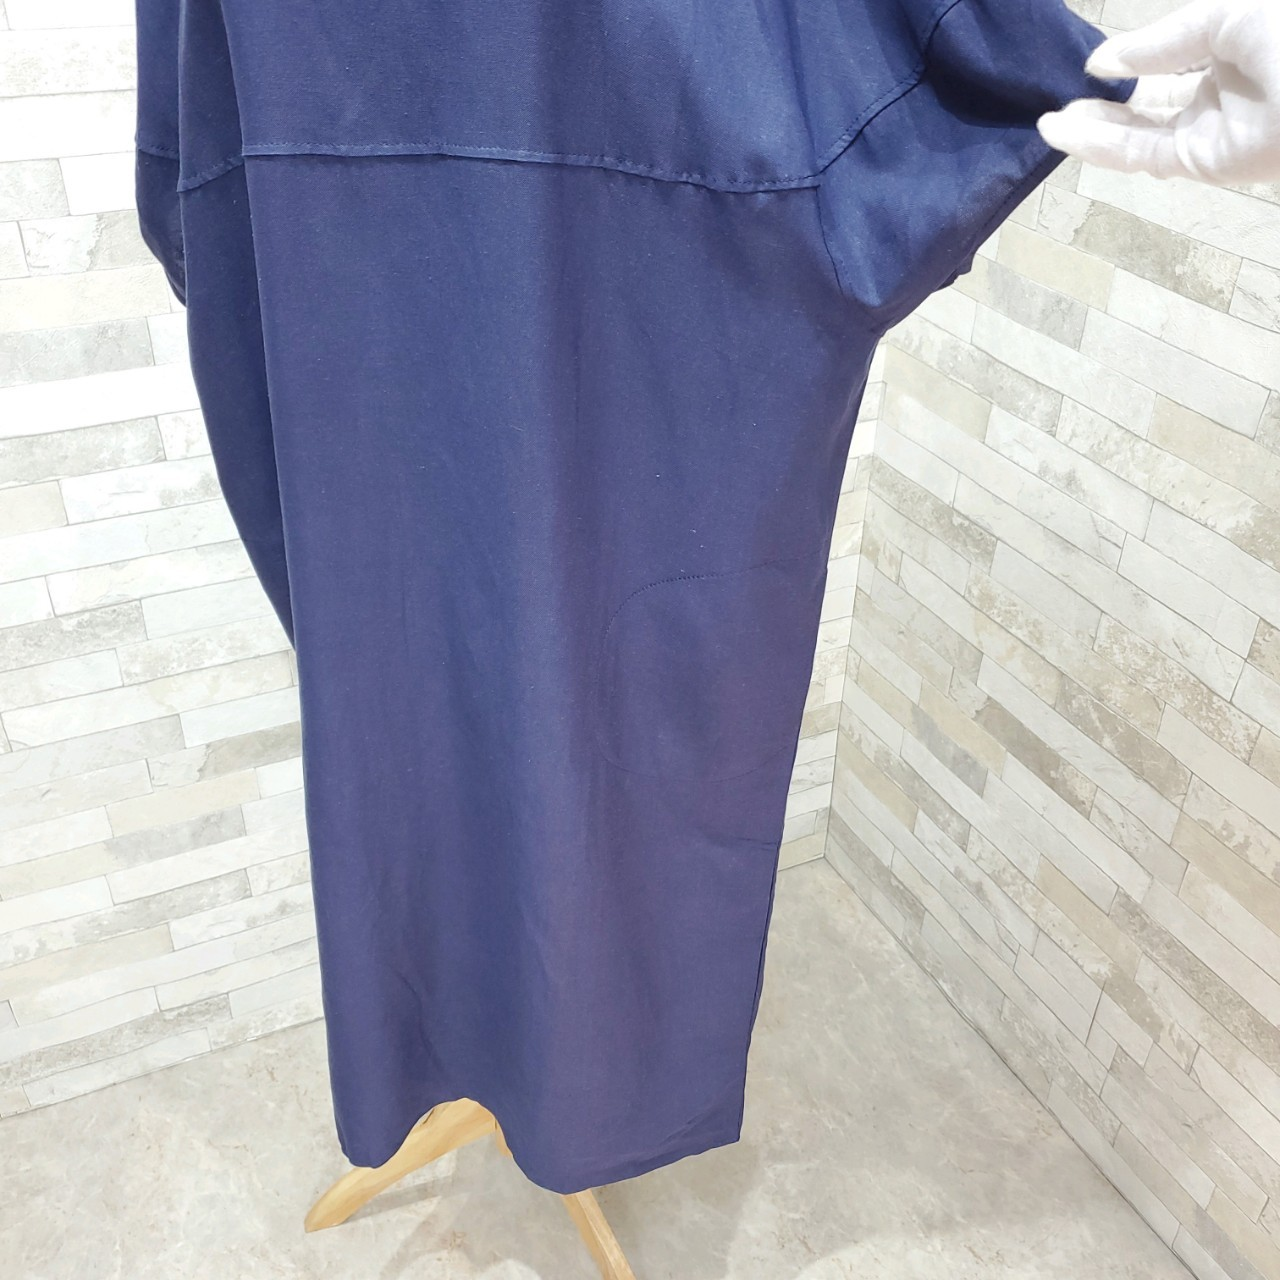 韓国 ファッション ワンピース 夏 春 カジュアル PTXI416  袖コンシャス ゆったり 体型カバー ラフ オルチャン シンプル 定番 セレカジの写真13枚目